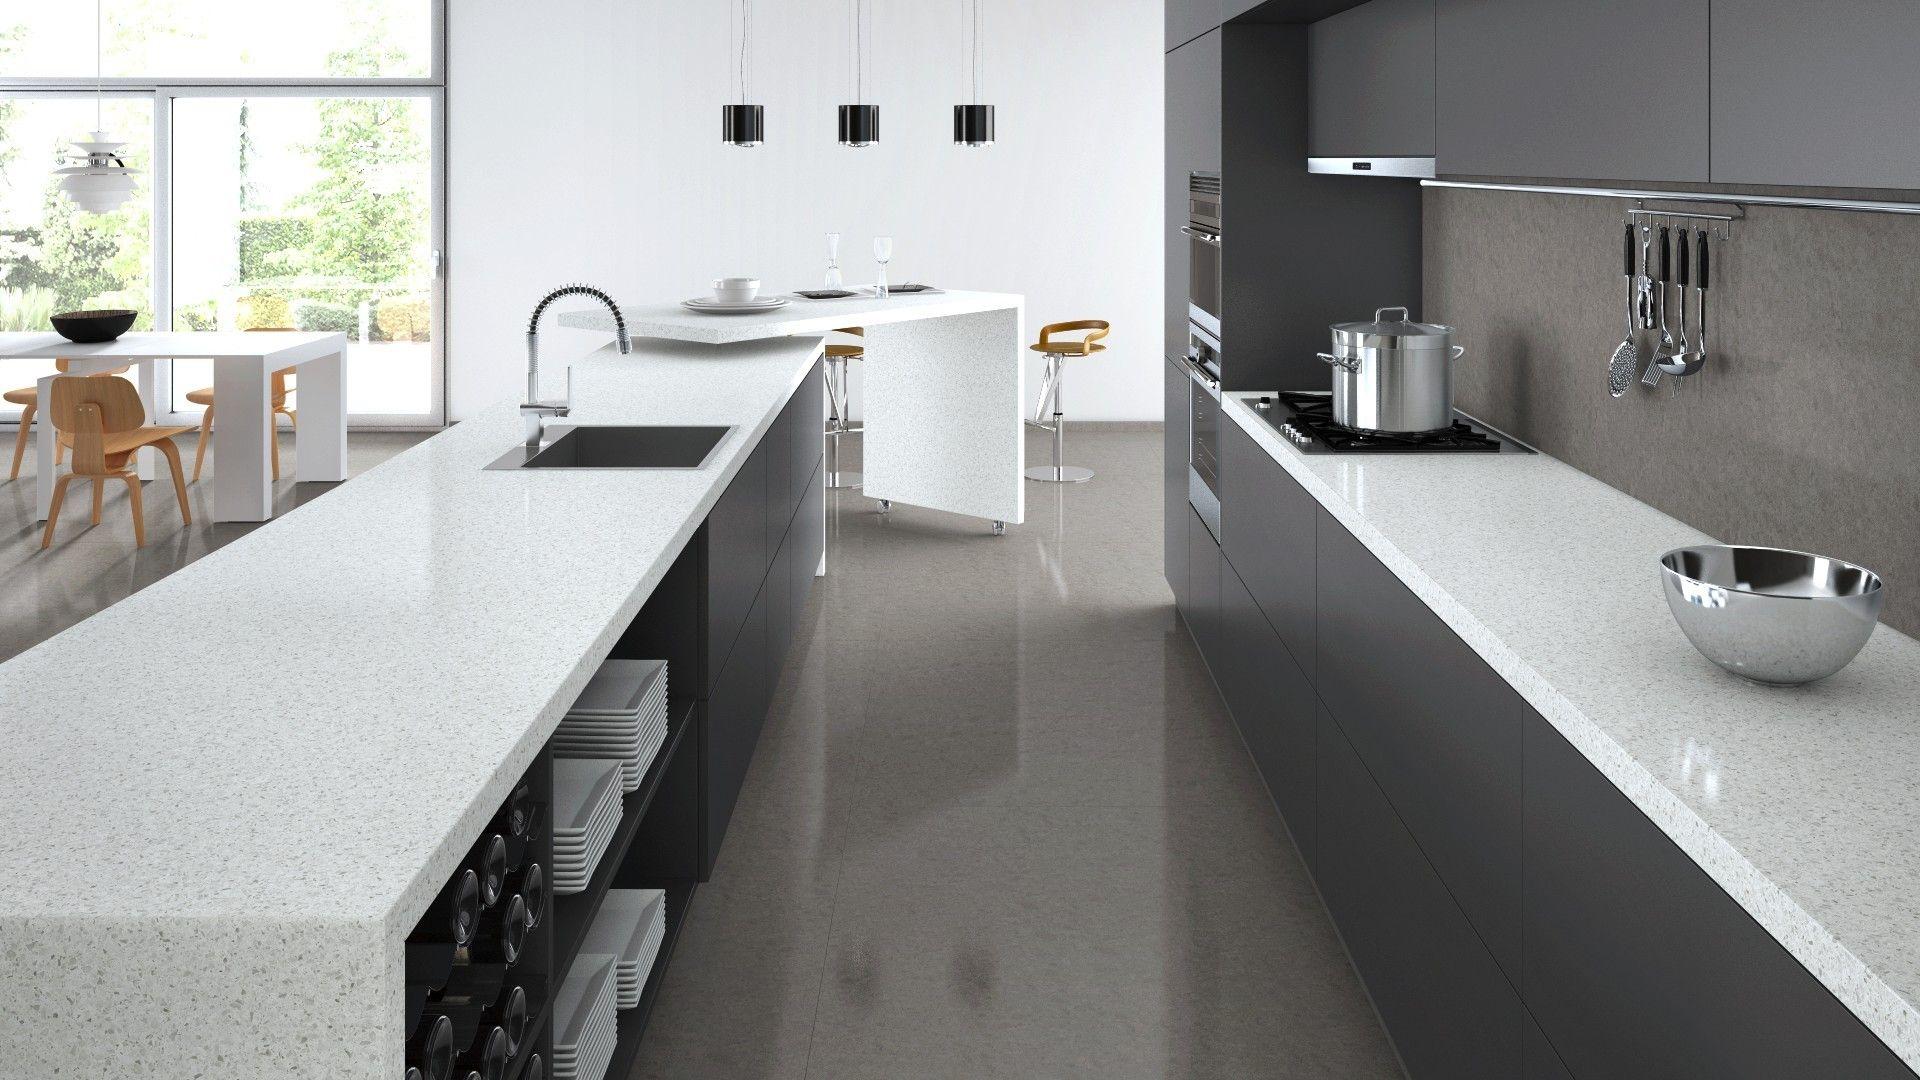 White Benchtop Dark Cupboards Tiles And Splashback Kitchen Kitchen Flooring Kitchen Benches Kitchen Tiles